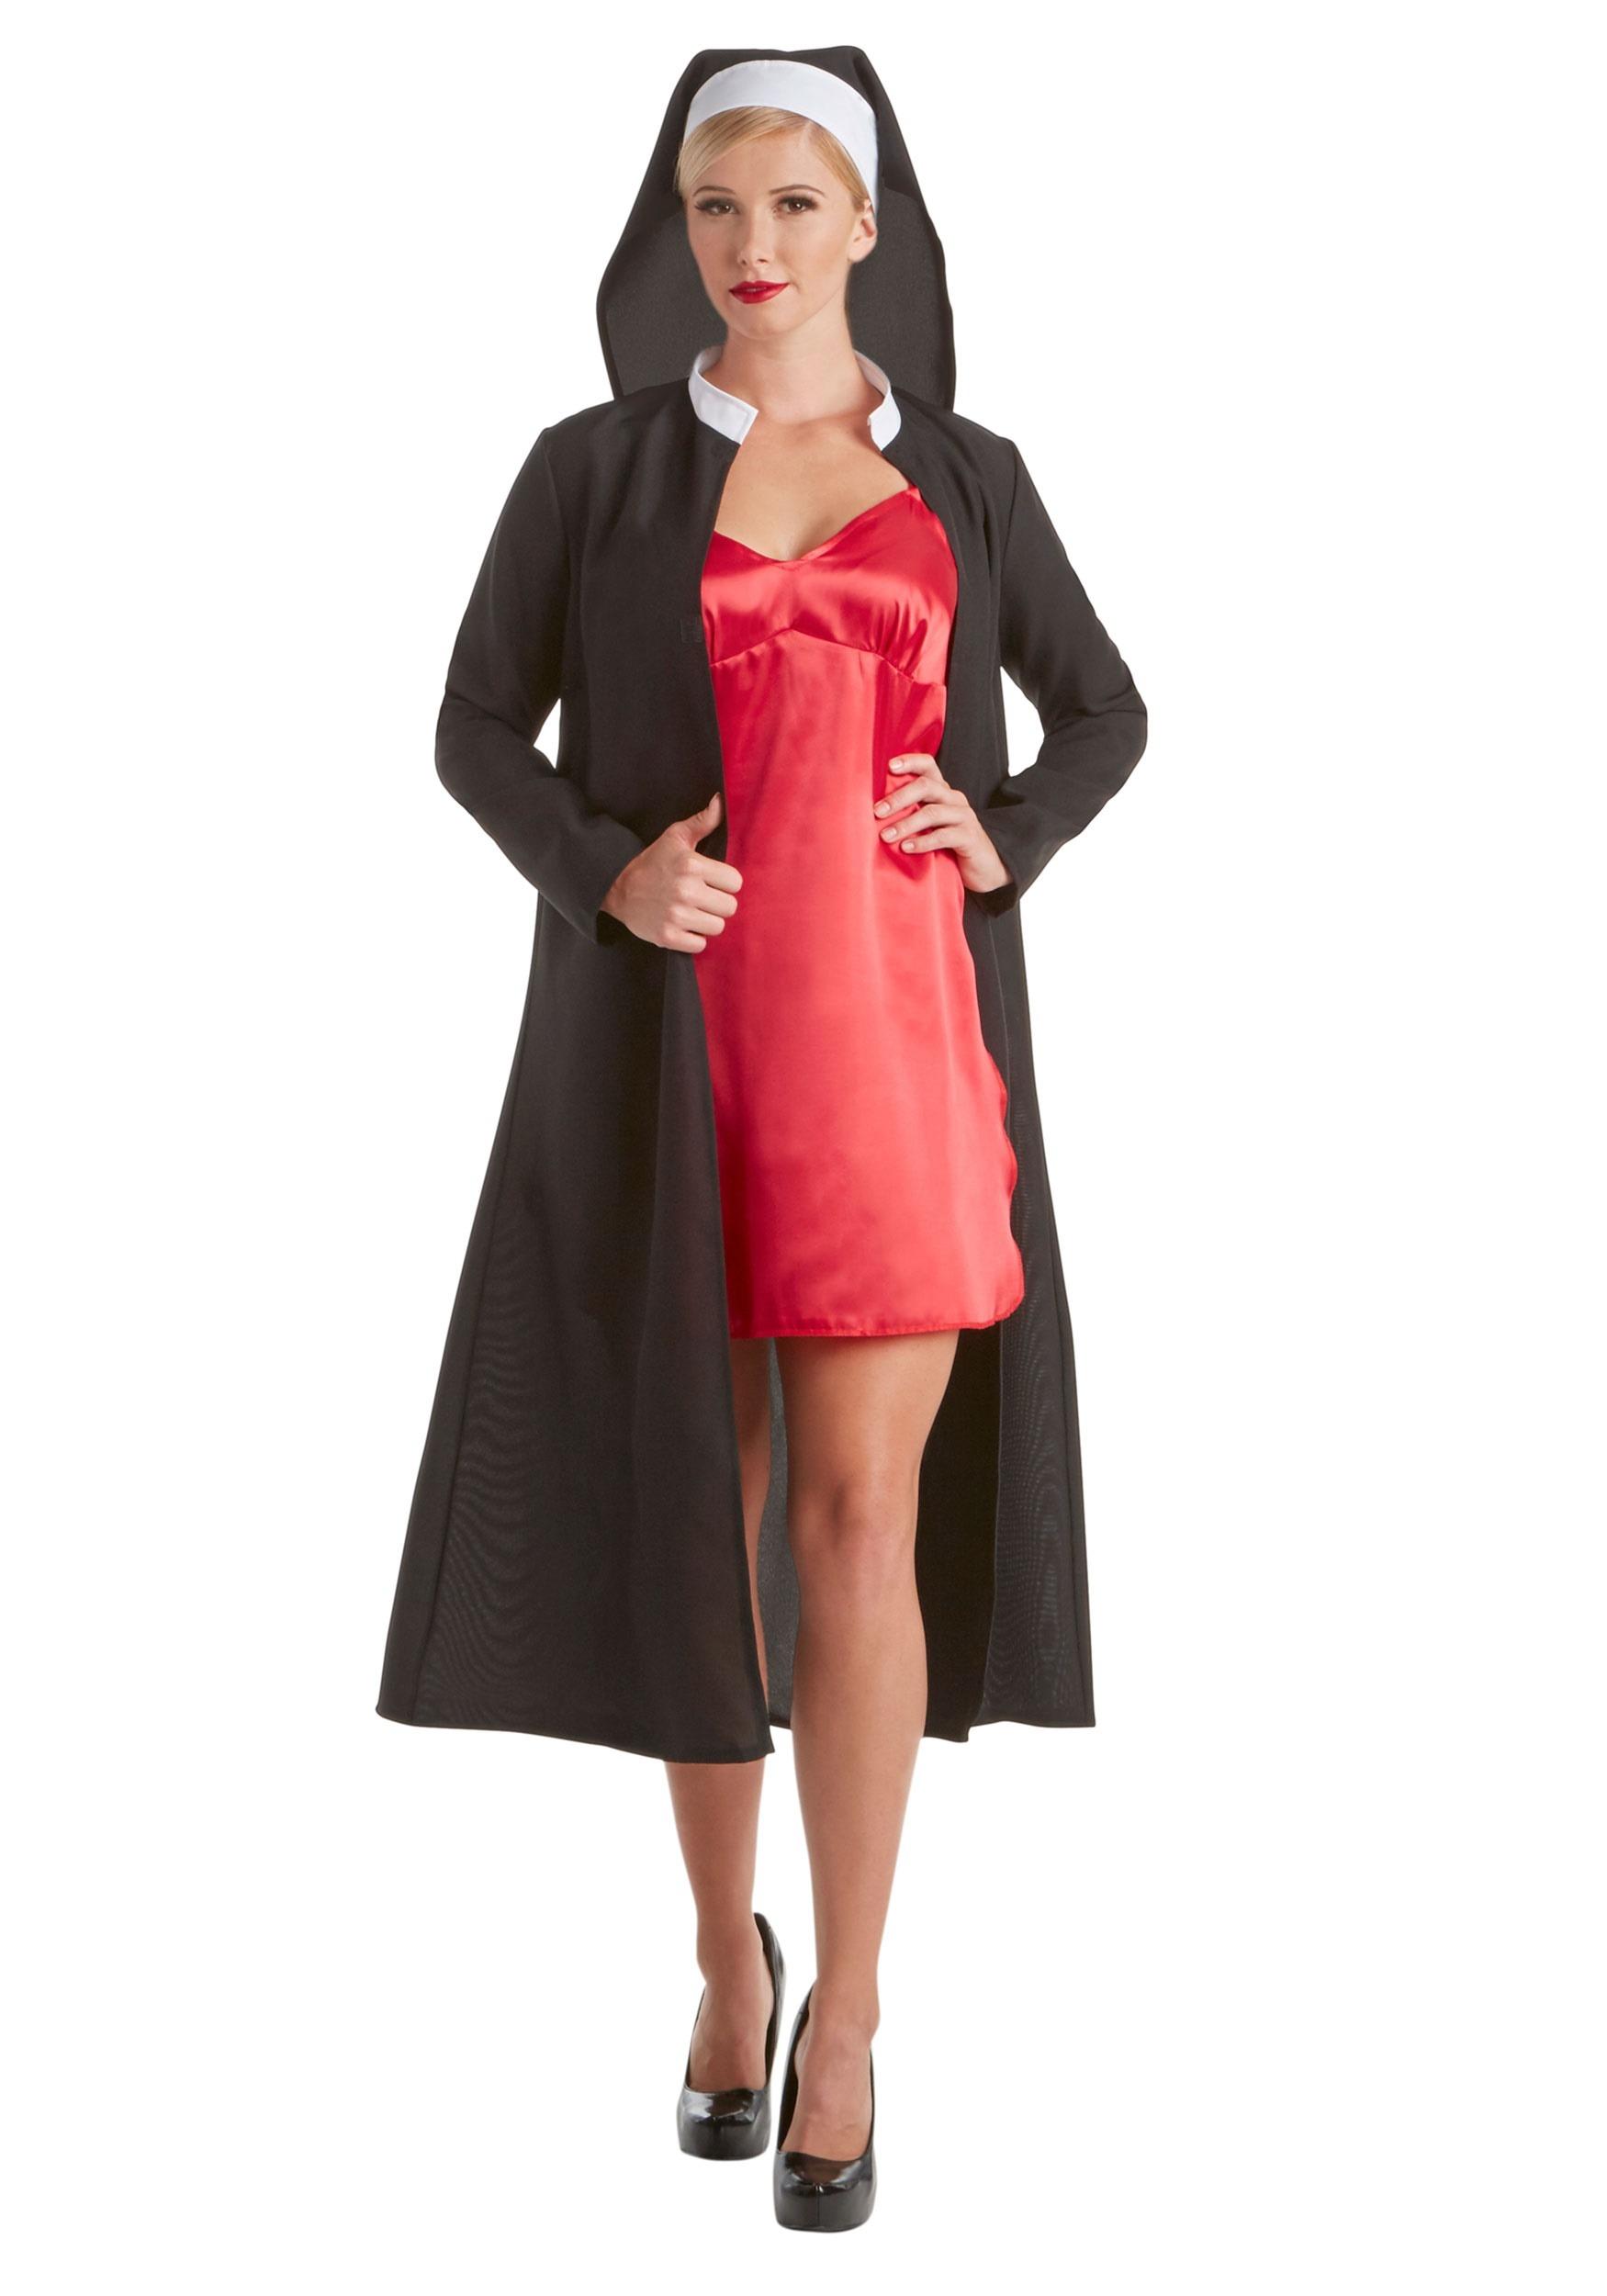 american horror story sister jude martin costume for women